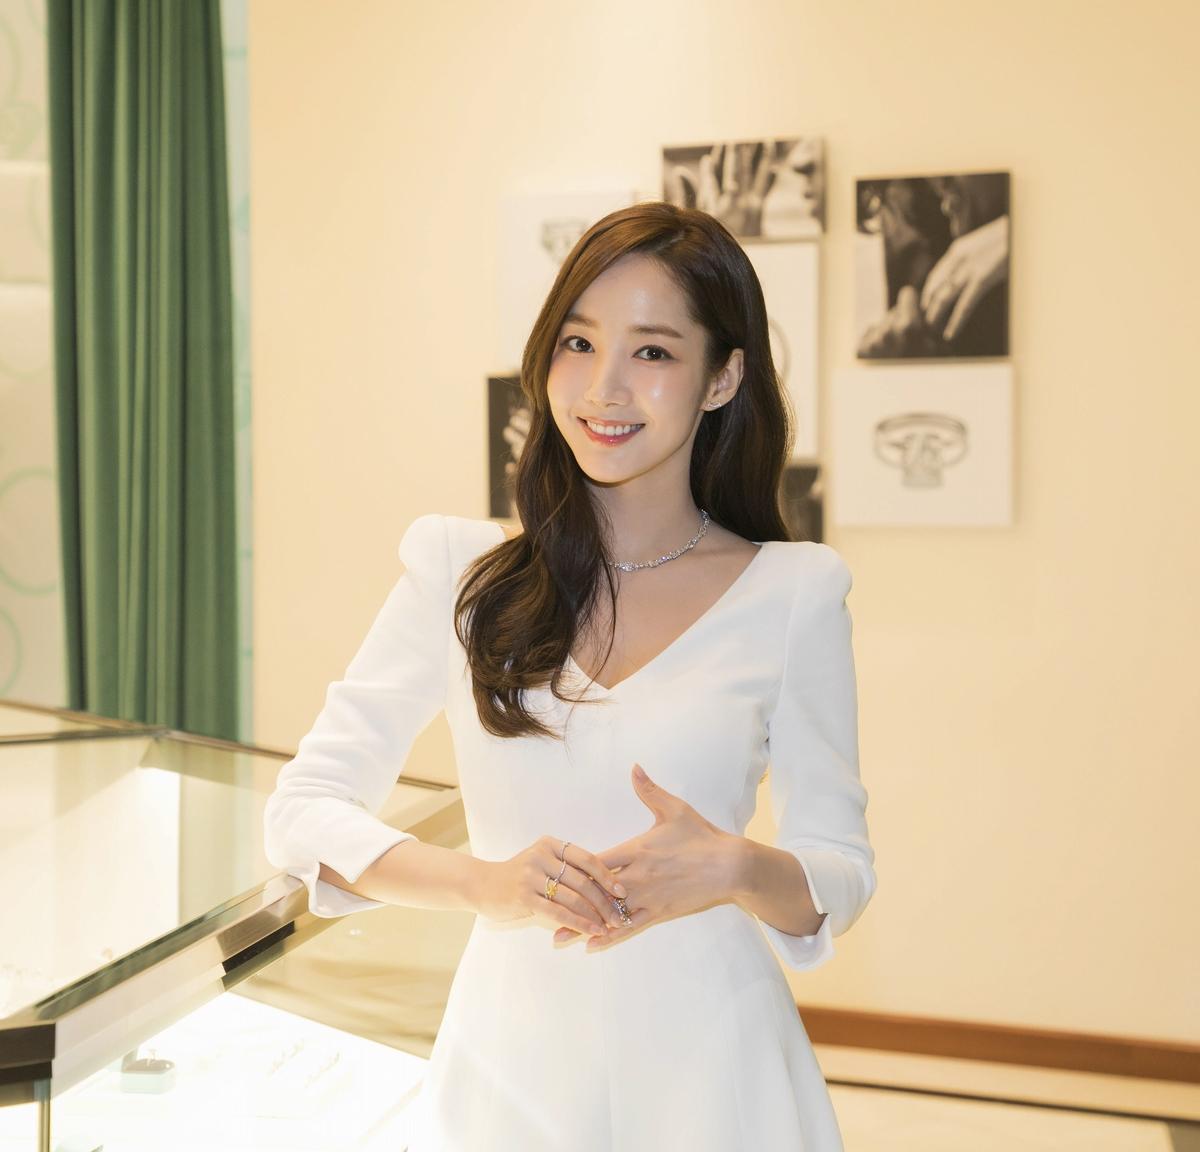 """Chơi chiêu nhỏ nhưng """"điên nữ"""" Seo Ye Ji vẫn ghi điểm khác biệt Song Hye Kyo, Park Min Young… khi đụng độ - Ảnh 3."""